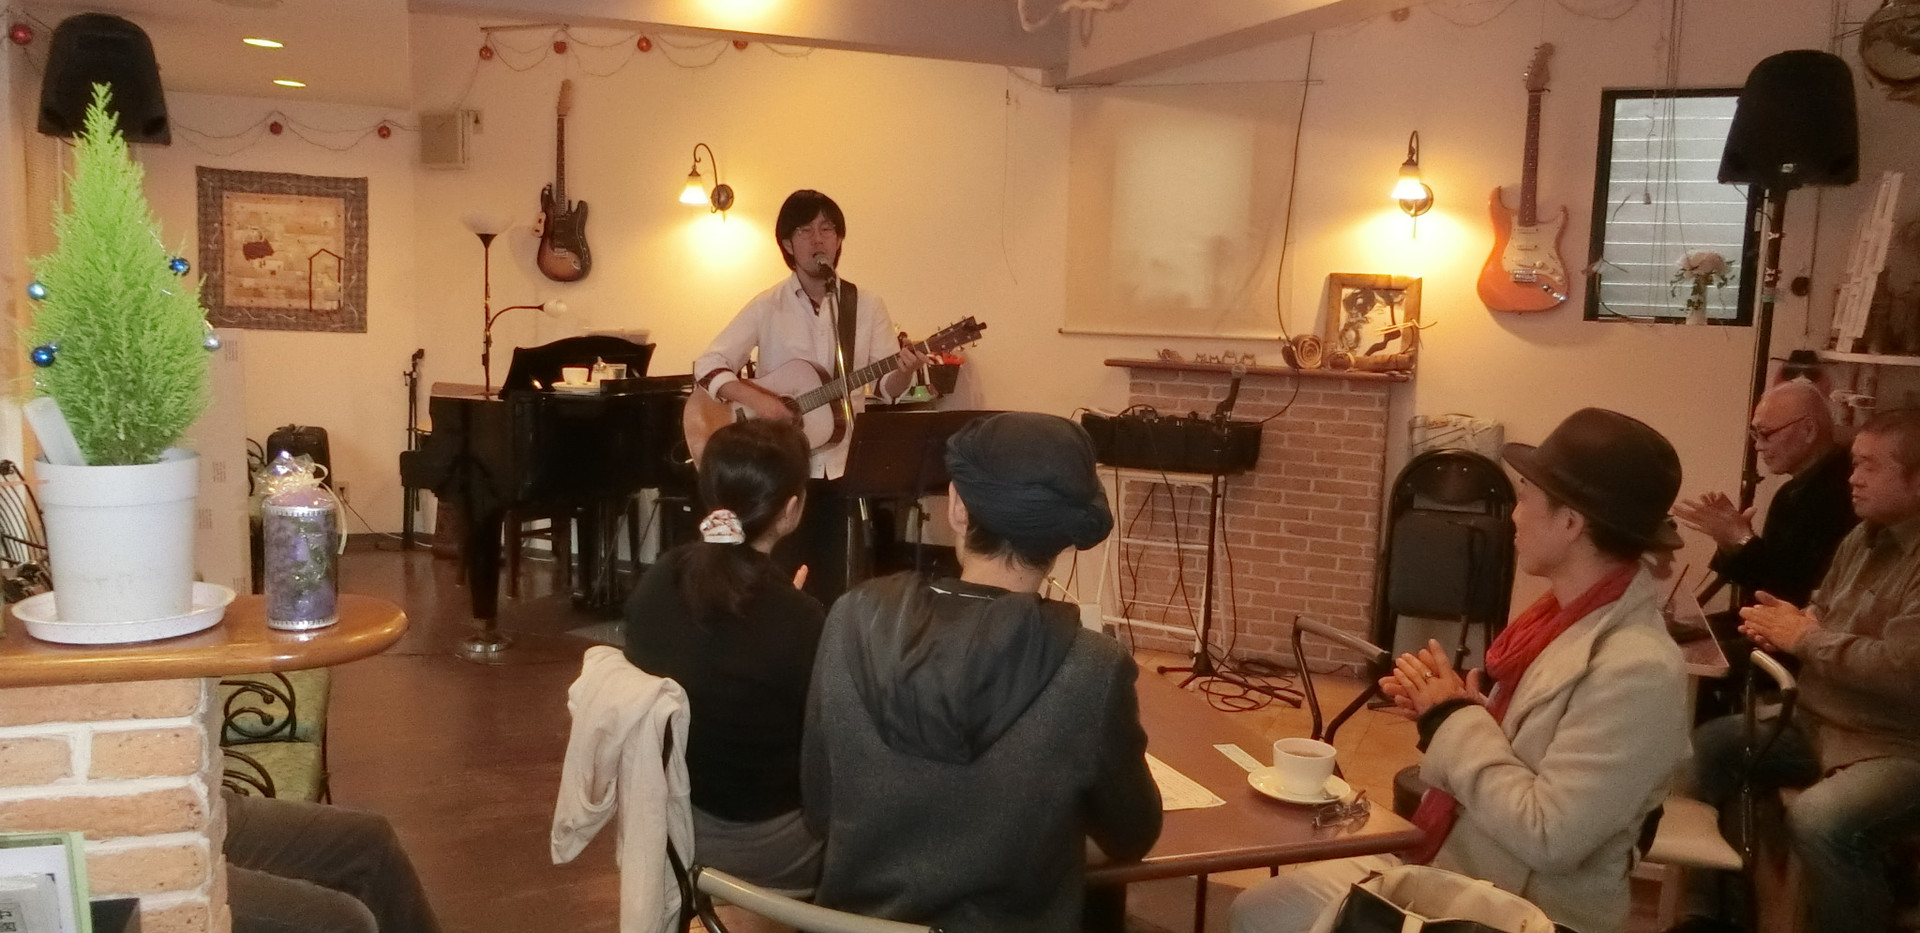 都竹宏樹 旅ライブ in 瀬戸田